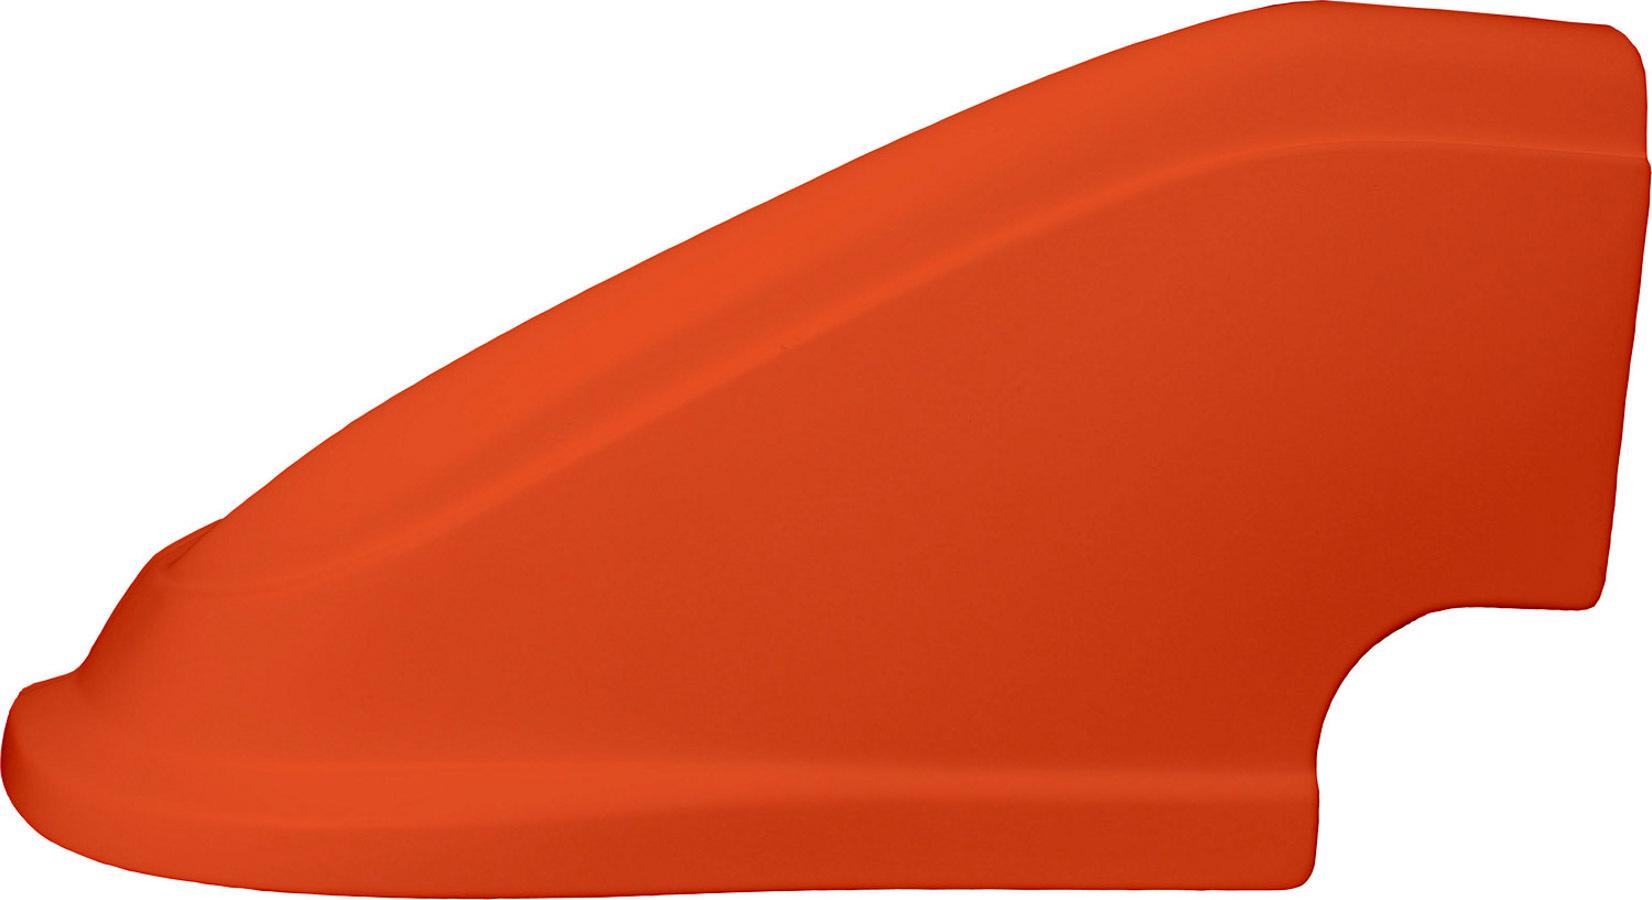 Fivestar MD3 Modified Flare Left Orange